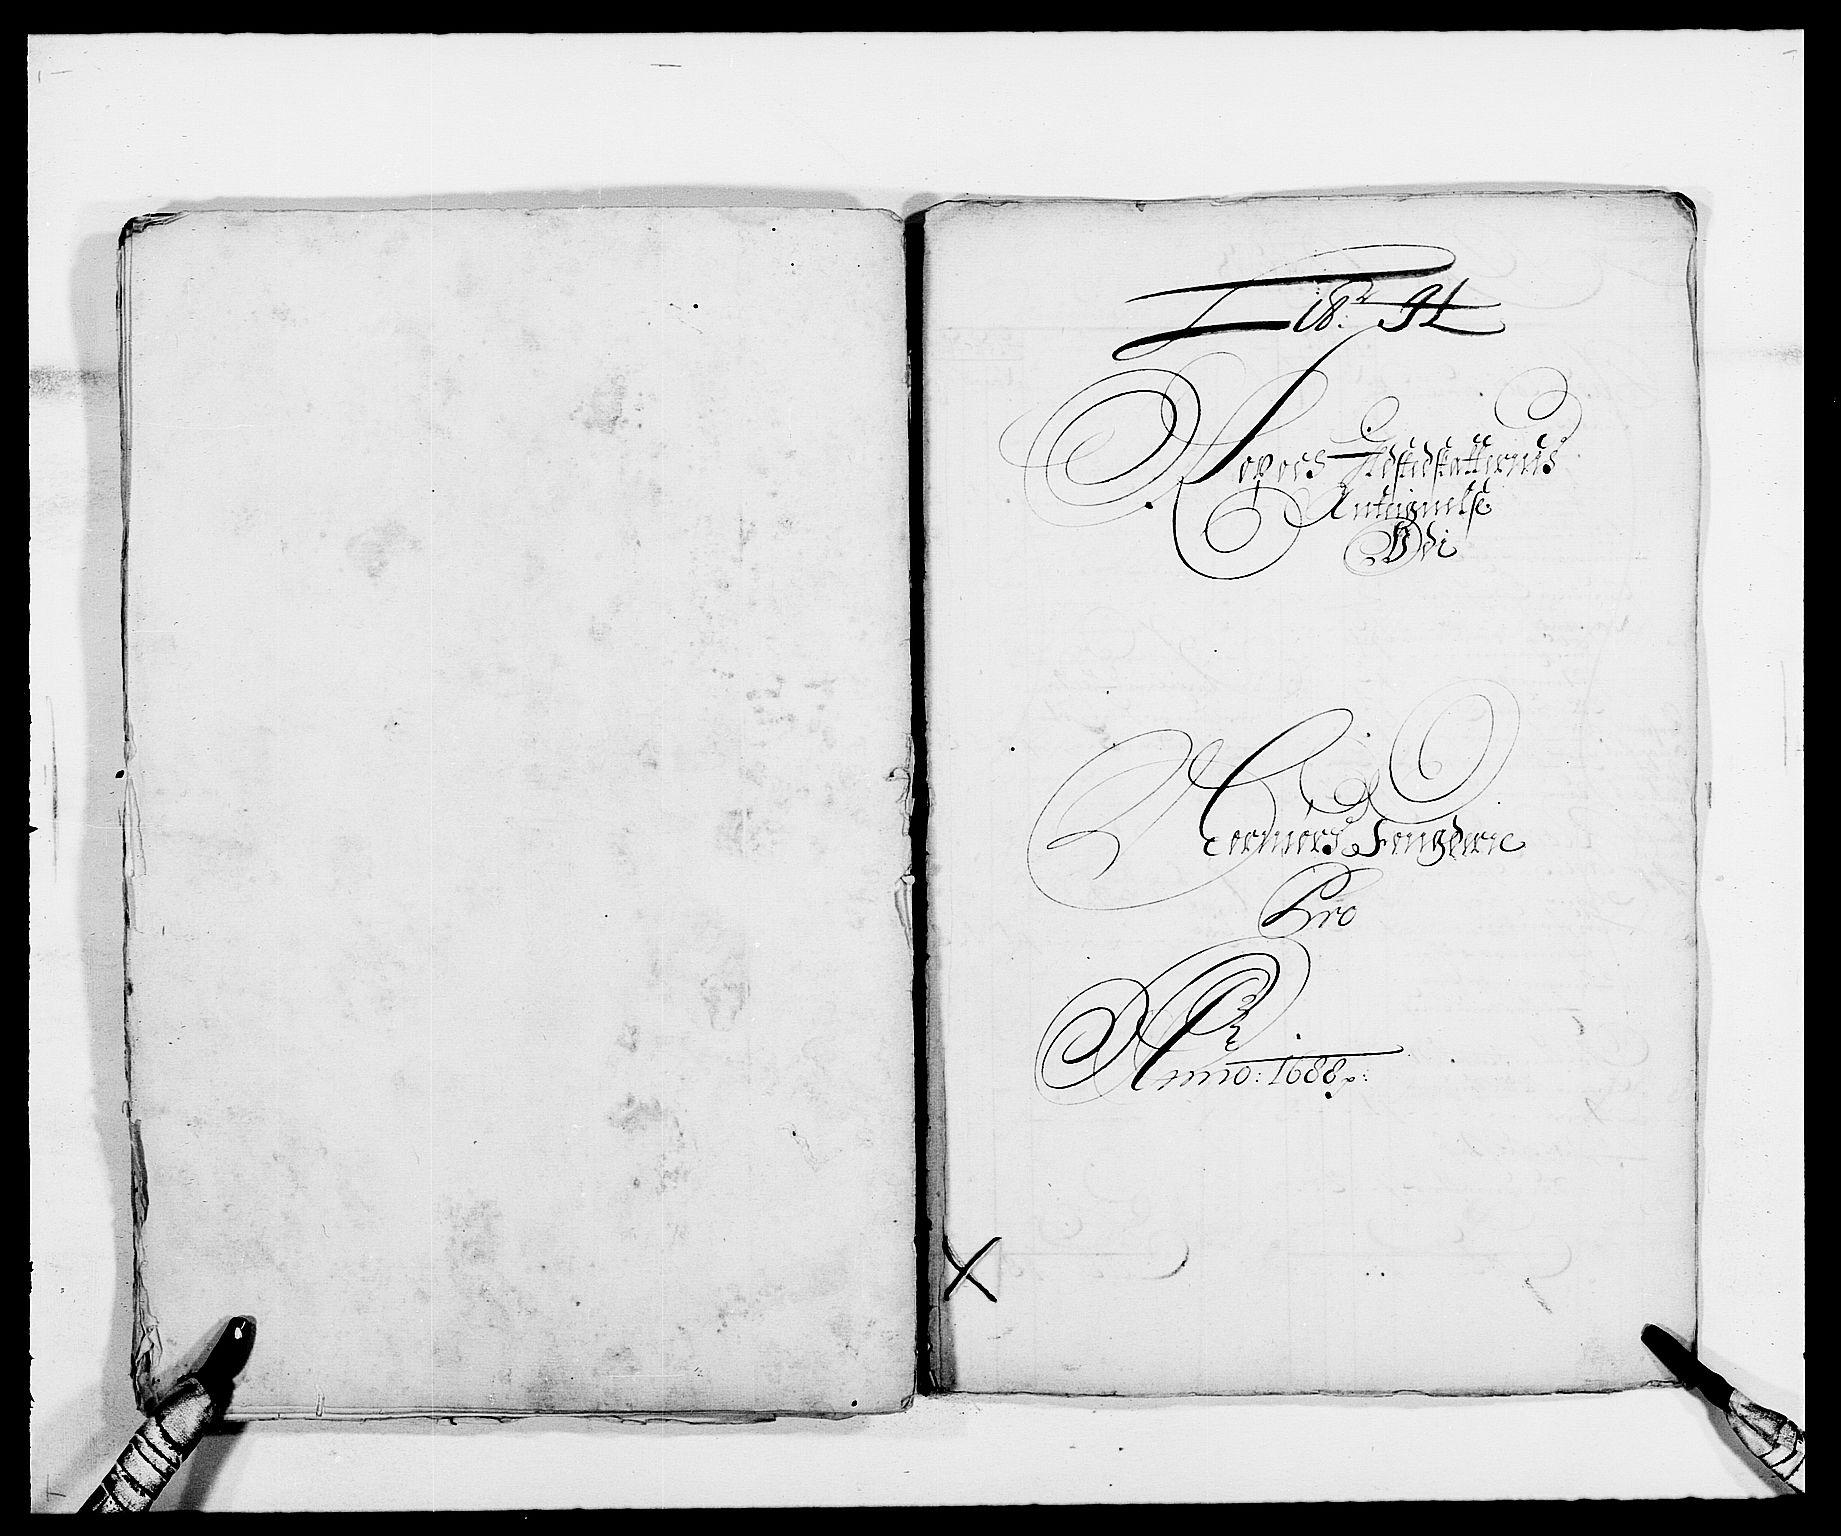 RA, Rentekammeret inntil 1814, Reviderte regnskaper, Fogderegnskap, R56/L3733: Fogderegnskap Nordmøre, 1687-1689, s. 255